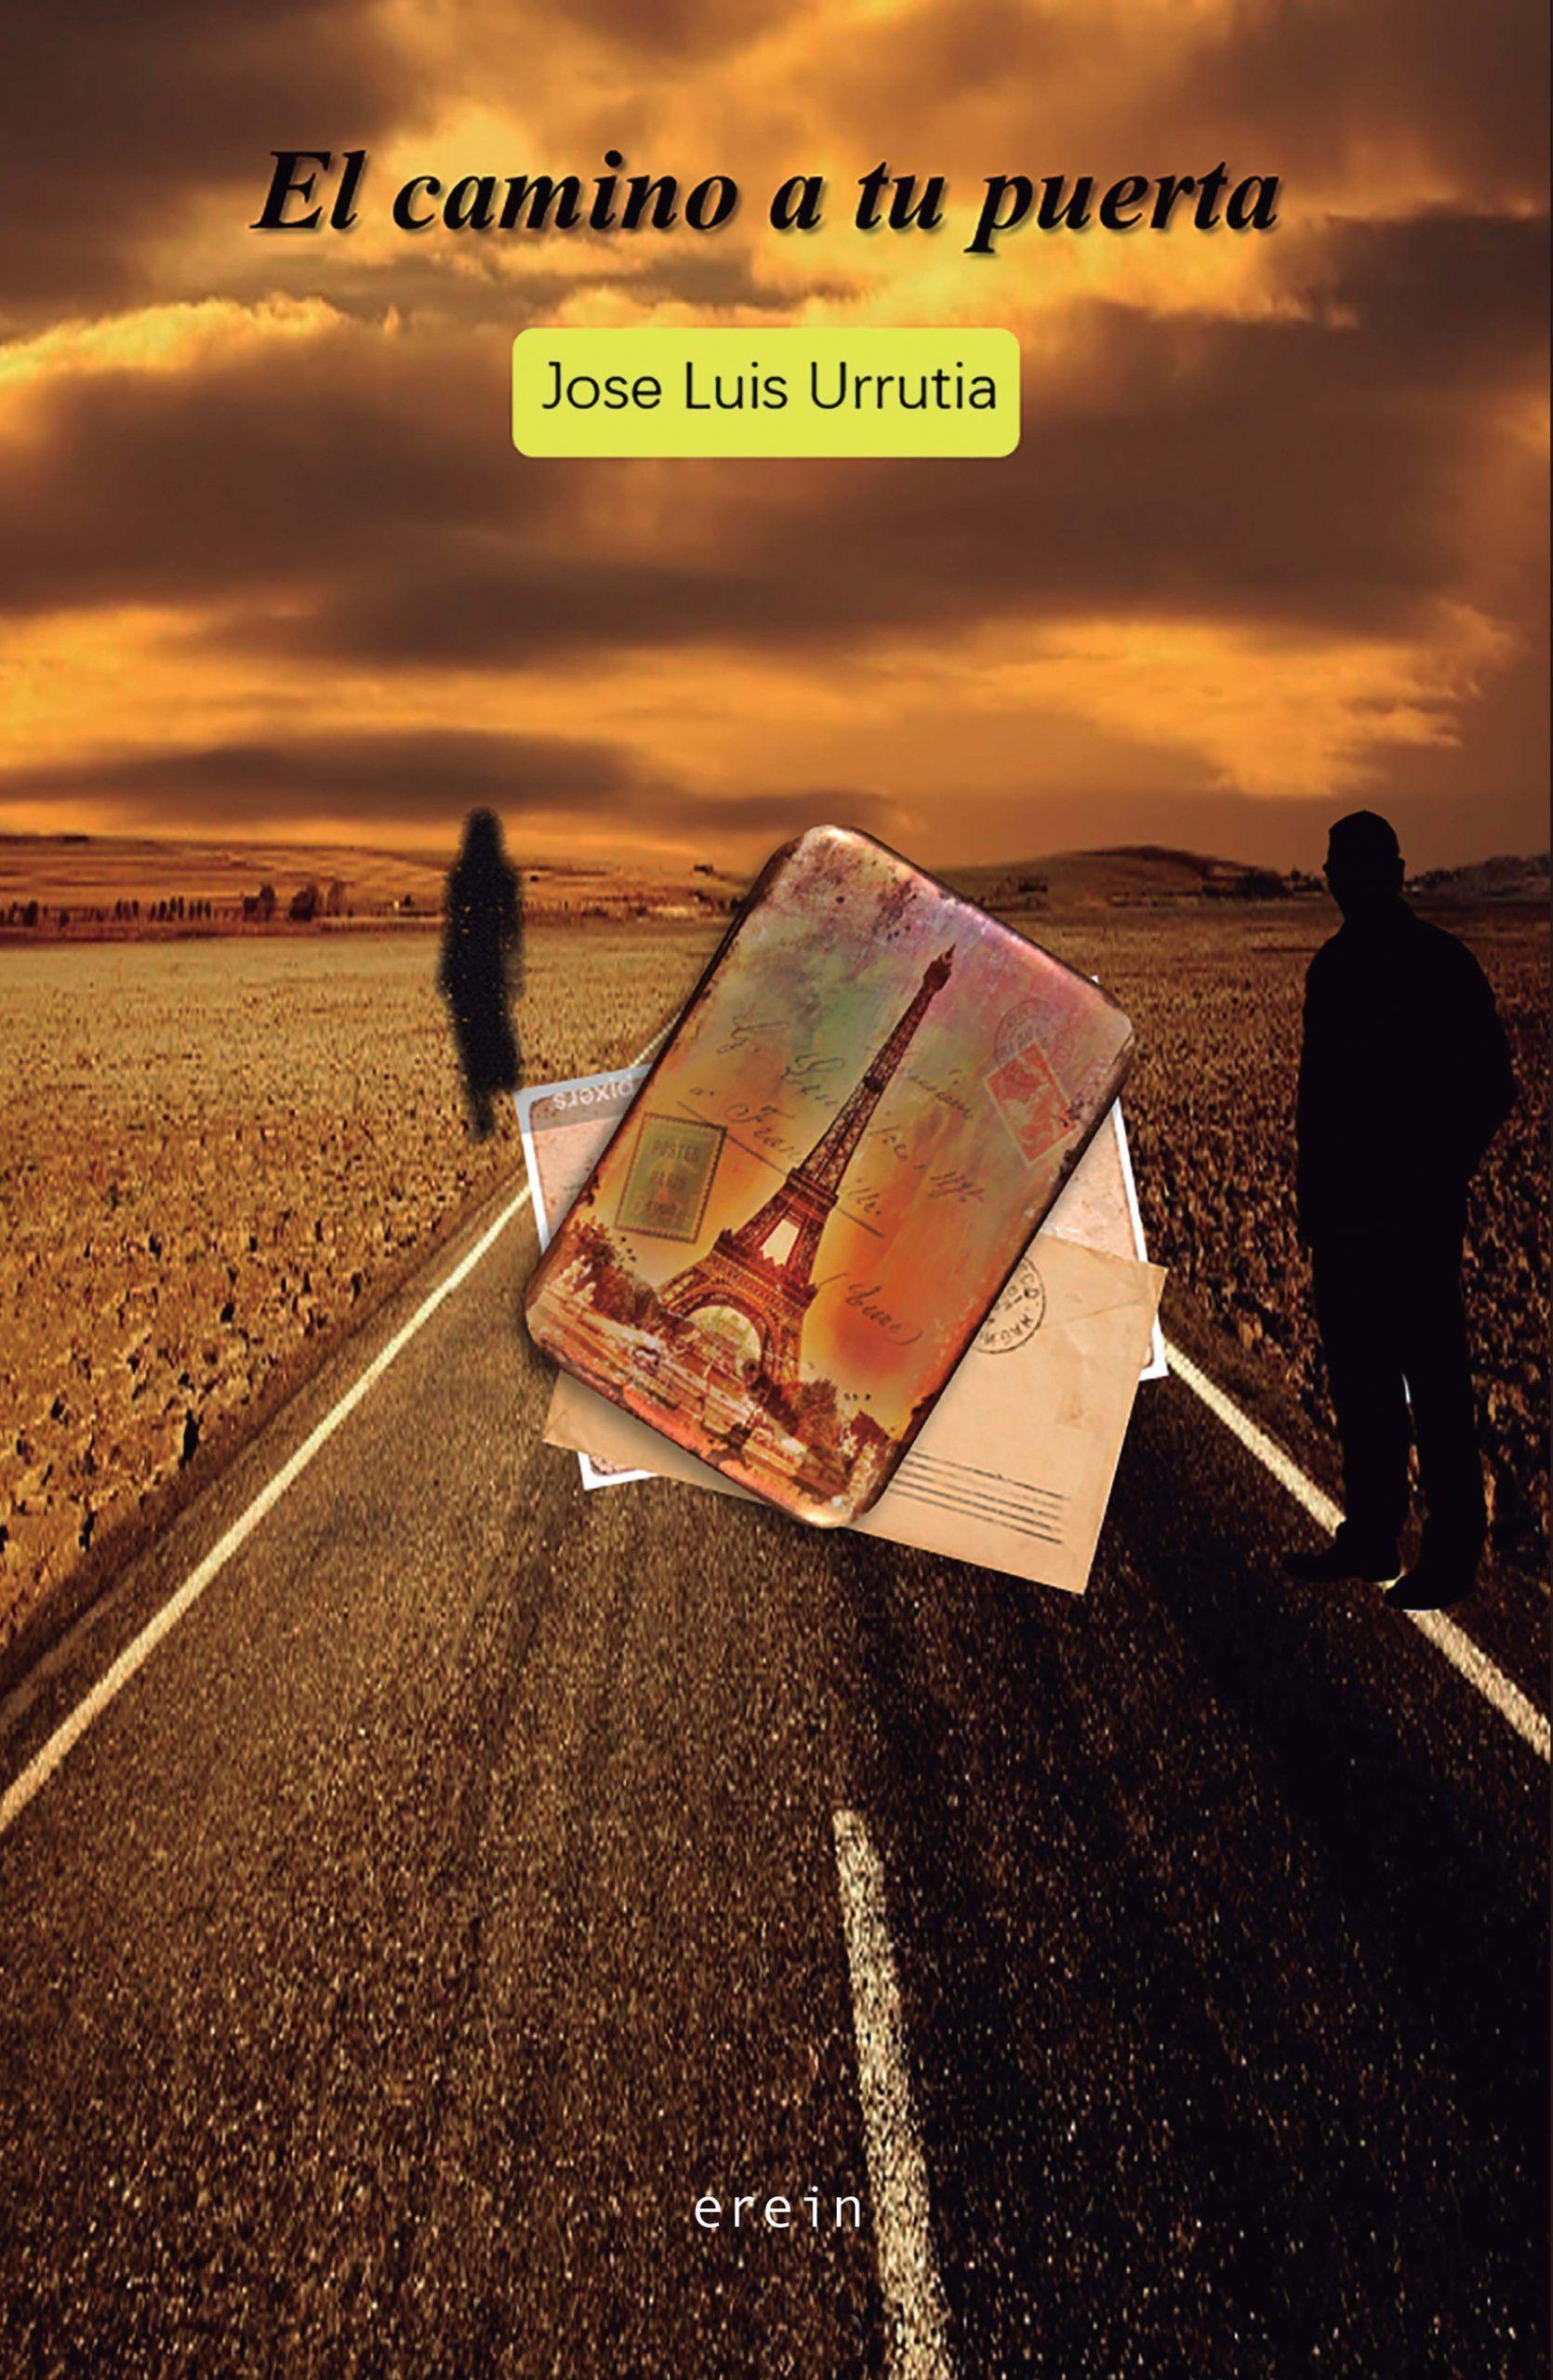 Colección: Narrativa, 40 Formato: 150 x 230 mm Páginas: 256 Encuadernación: Rústica Disponibilidad: Disponible Fecha de publicación: 11-09-2020 ISBN: 978-84-9109-605-4